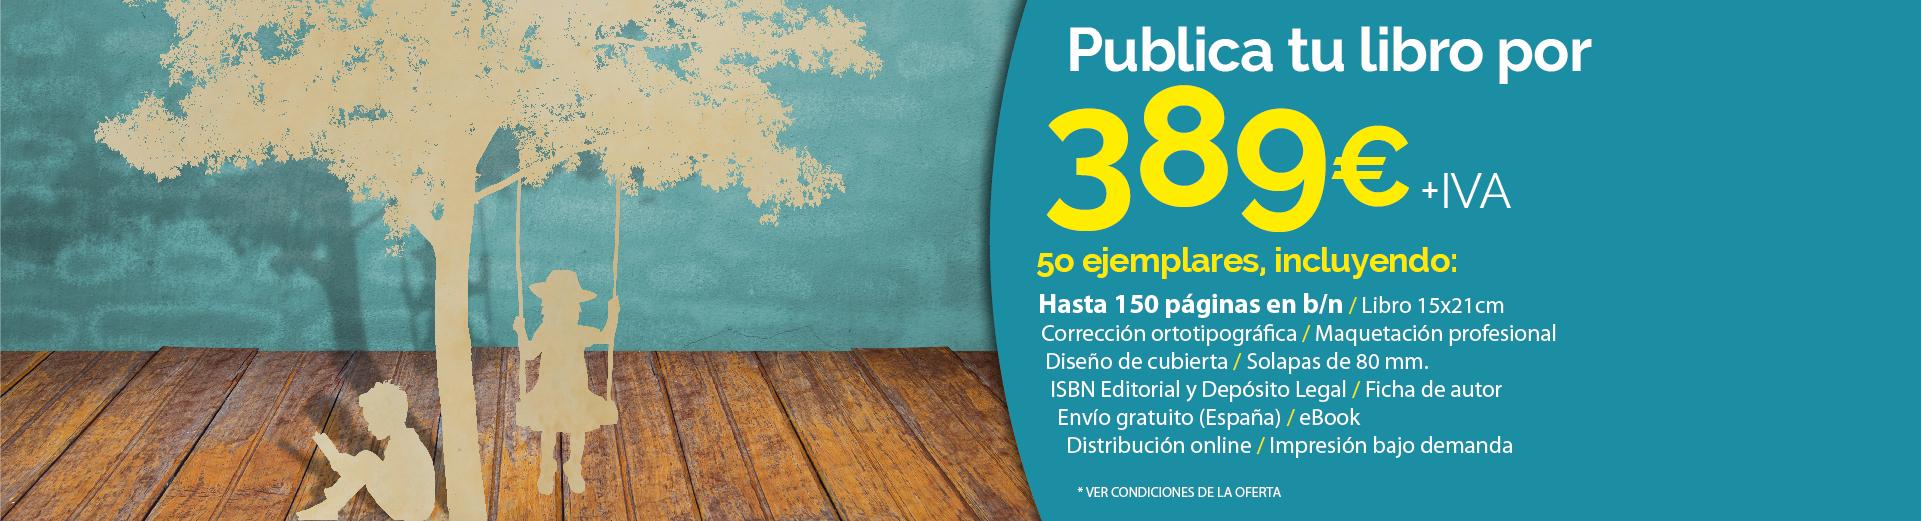 5o ejemplares, incluyendo: Hasta 150 páginas en b/n / Libro 15x21cm Corrección ortotipográfica / Maquetación profesional Diseño de cubierta / Solapas de 80 mm. ISBN Editorial y Depósito Legal / Ficha de autor Envío gratuito (España) / eBook Distribución online / Impresión bajo demanda